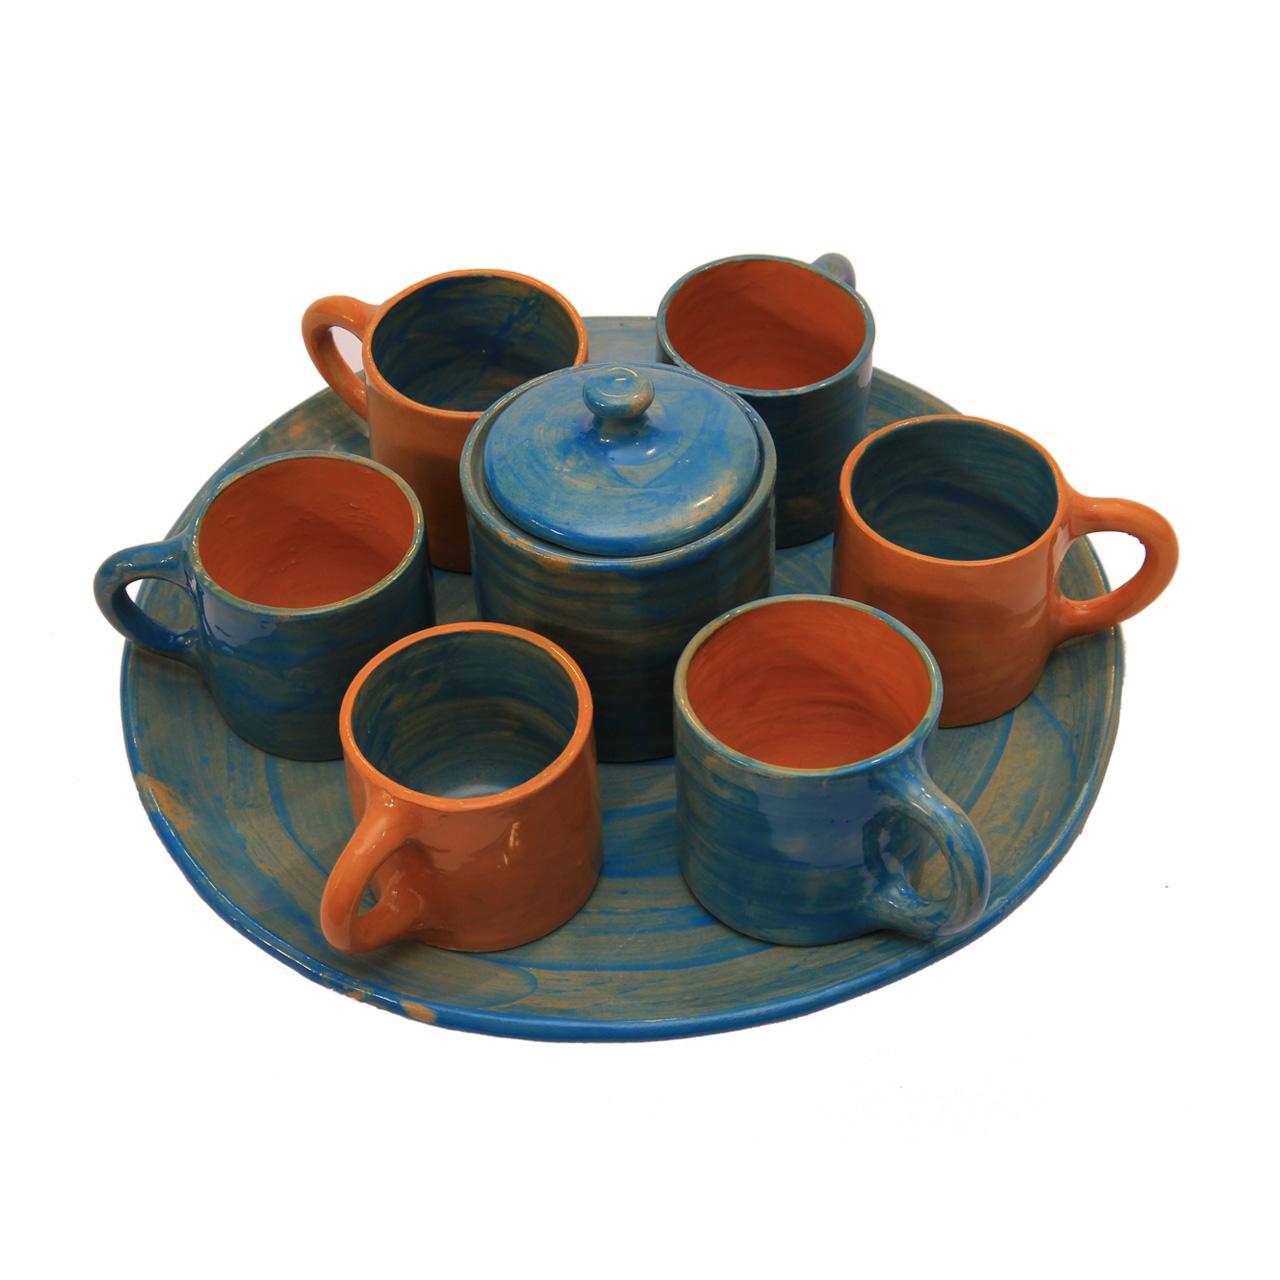 ست چای خوری سفالی کد 20285 6 نفره